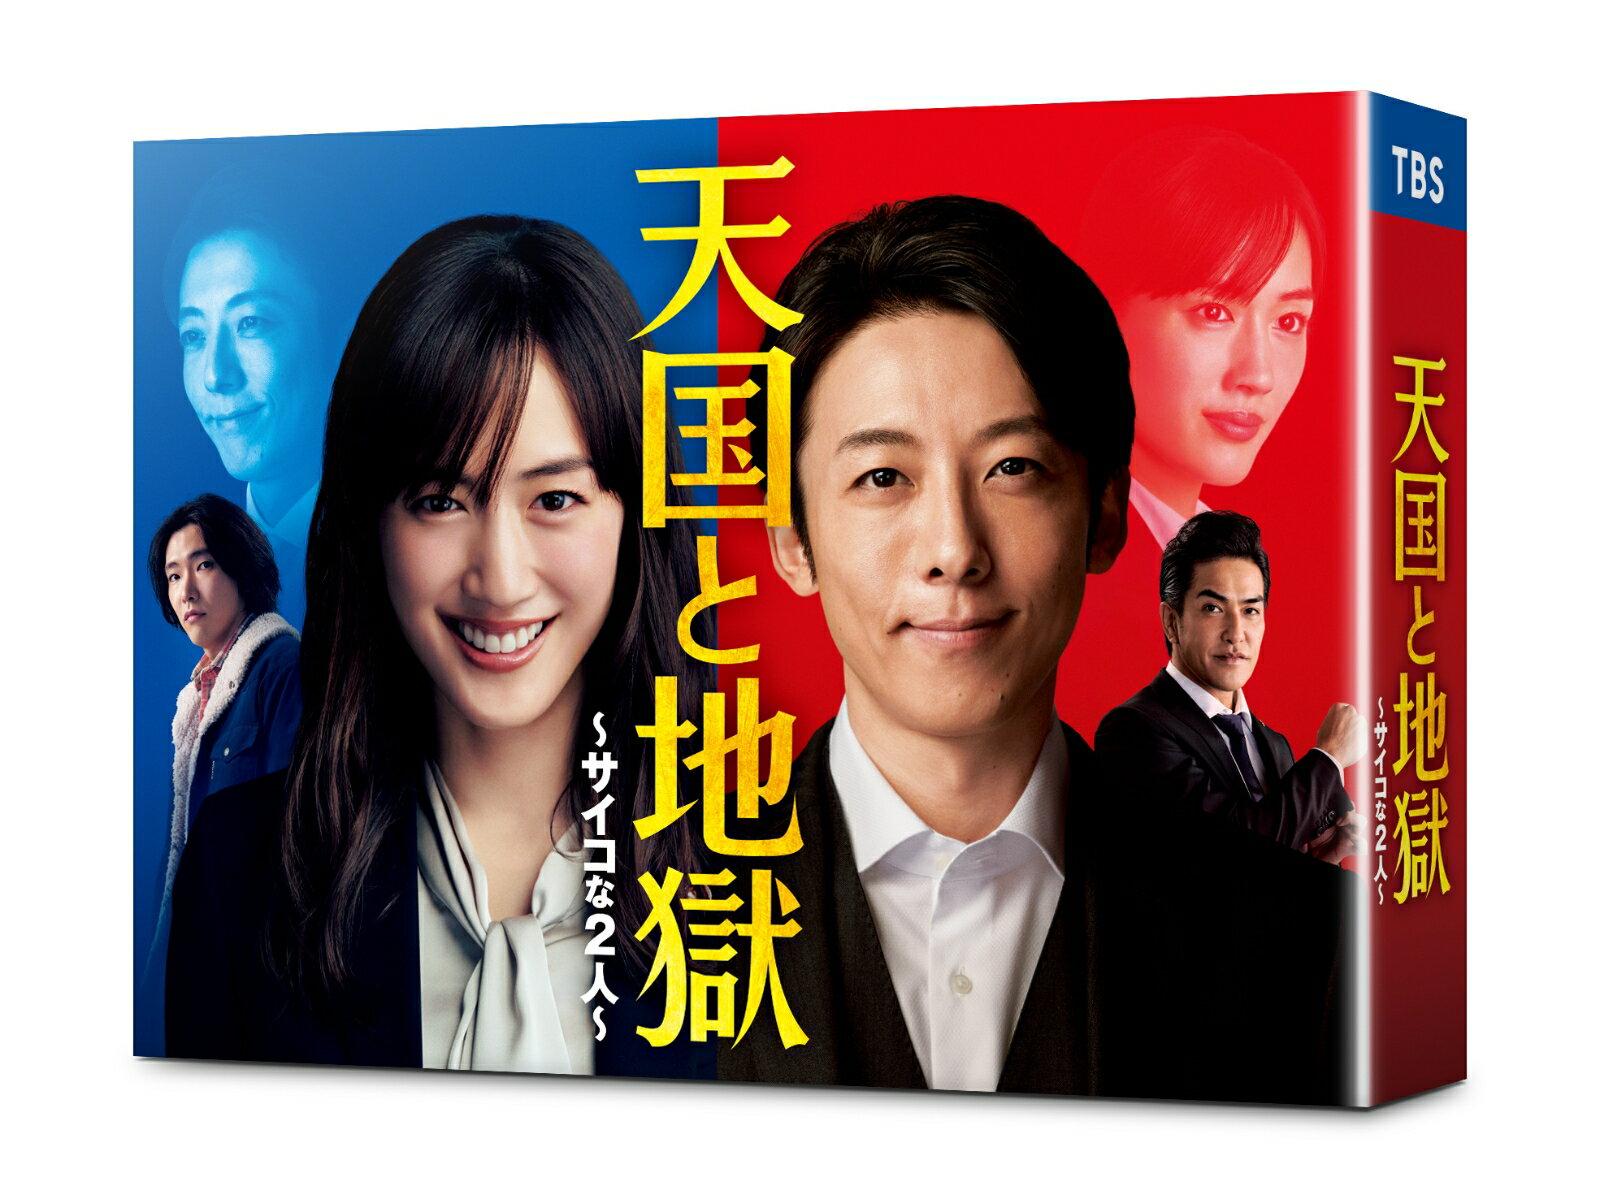 天国と地獄 〜サイコな2人〜 Blu-ray-BOX【Blu-ray】